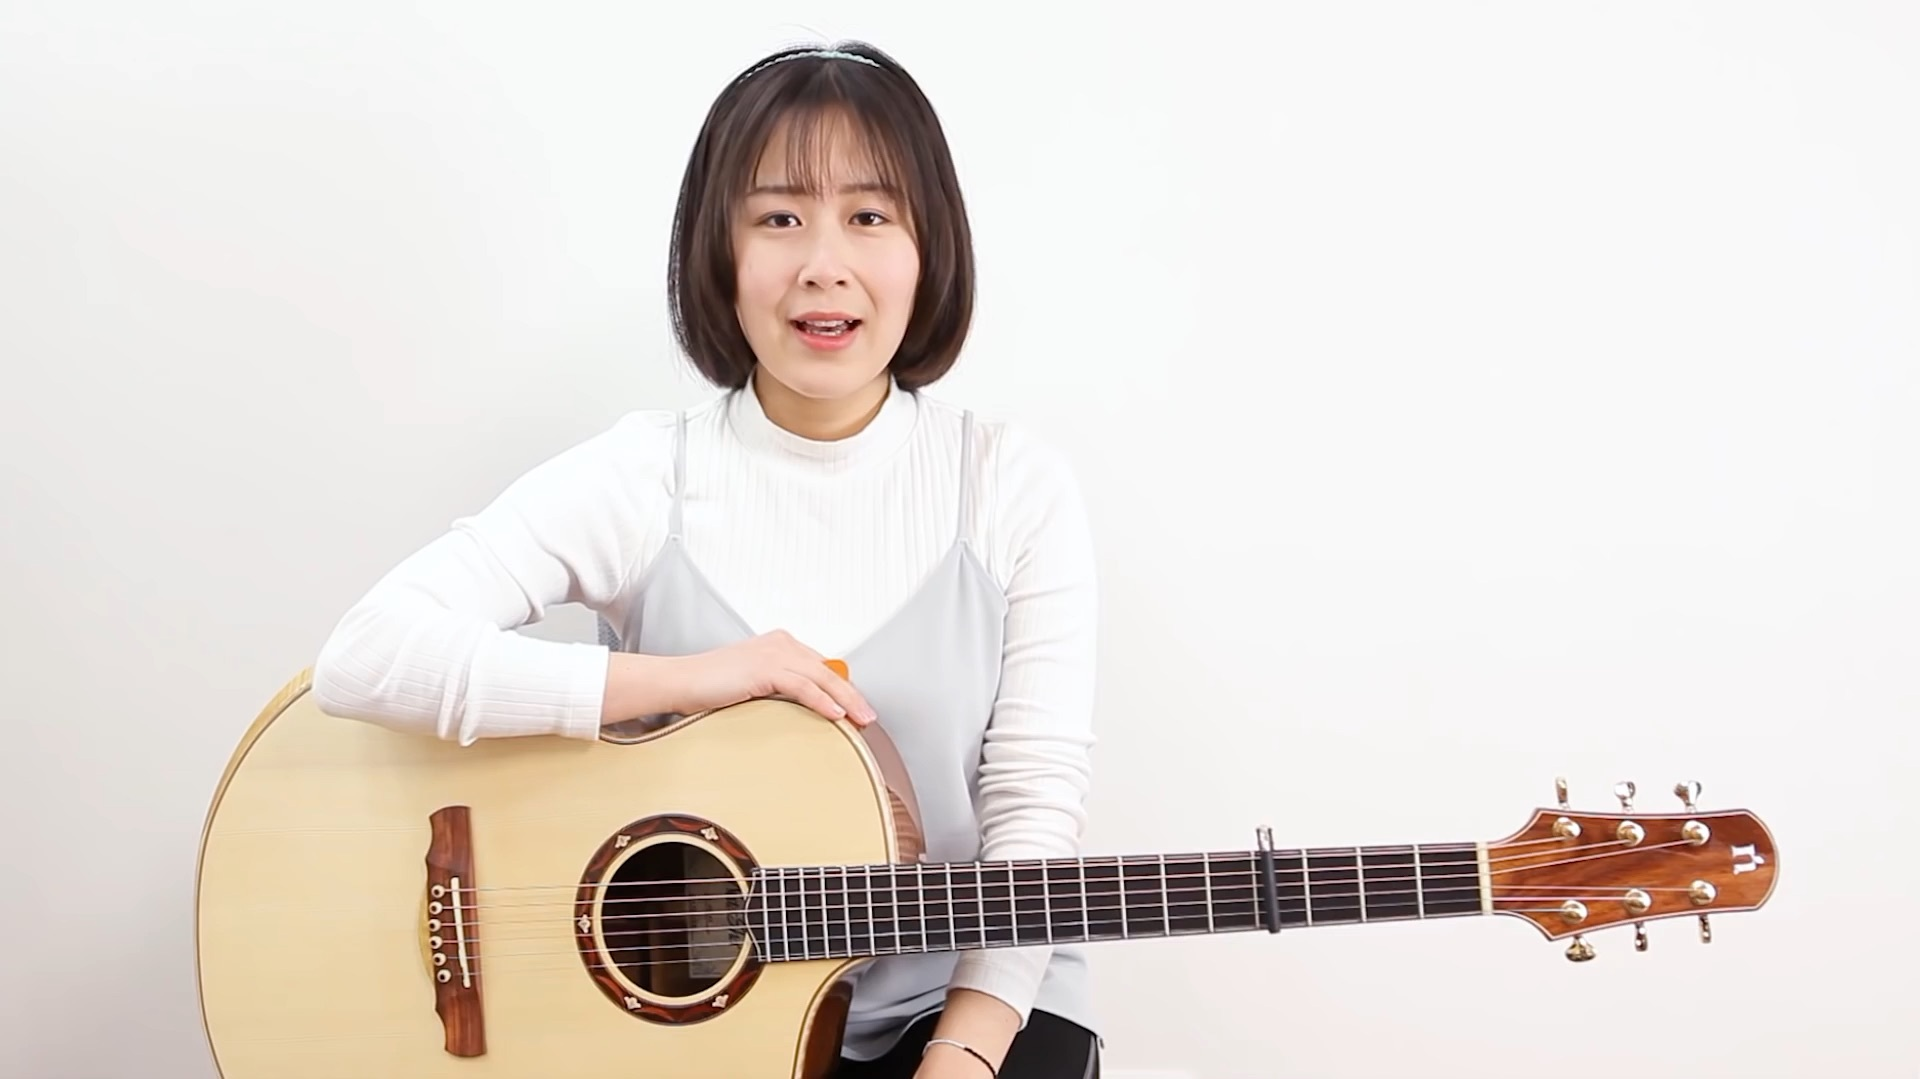 《预谋邂逅》吉他教学 - 南音吉他小屋